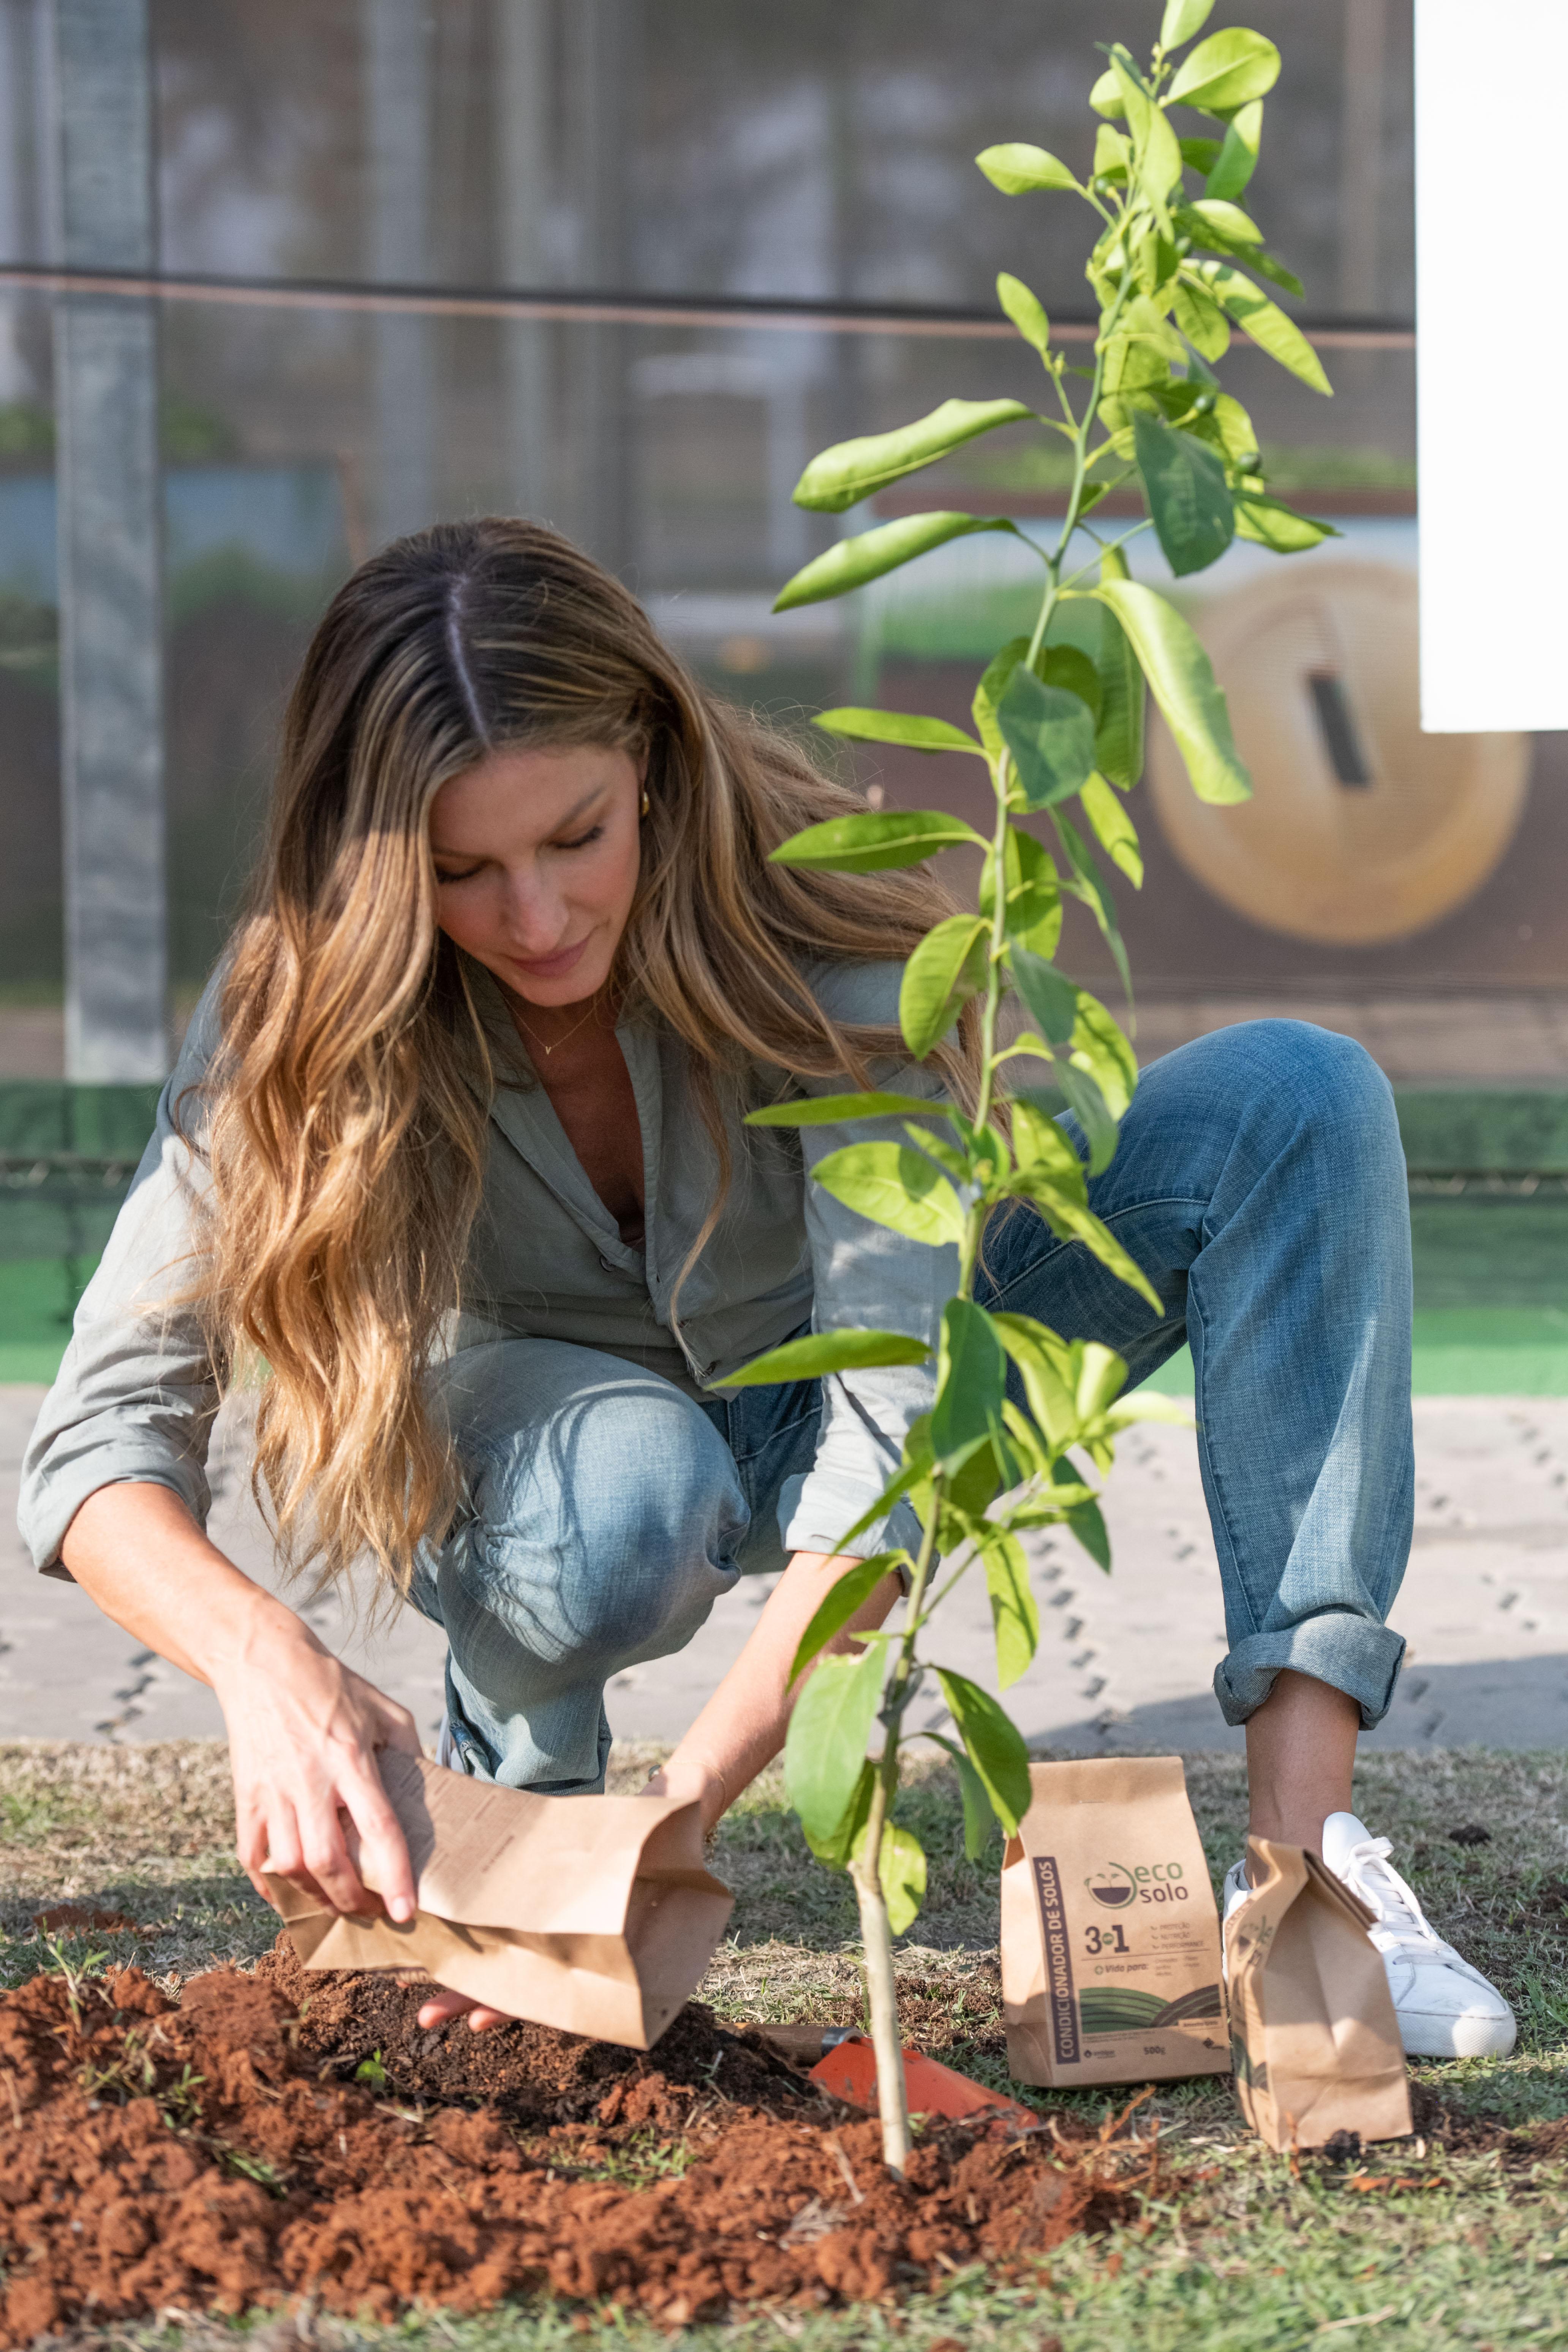 Gisele plantando arvore frutifera na matriz do grupo ambipar em nova odessa durante sua vista nesta semana